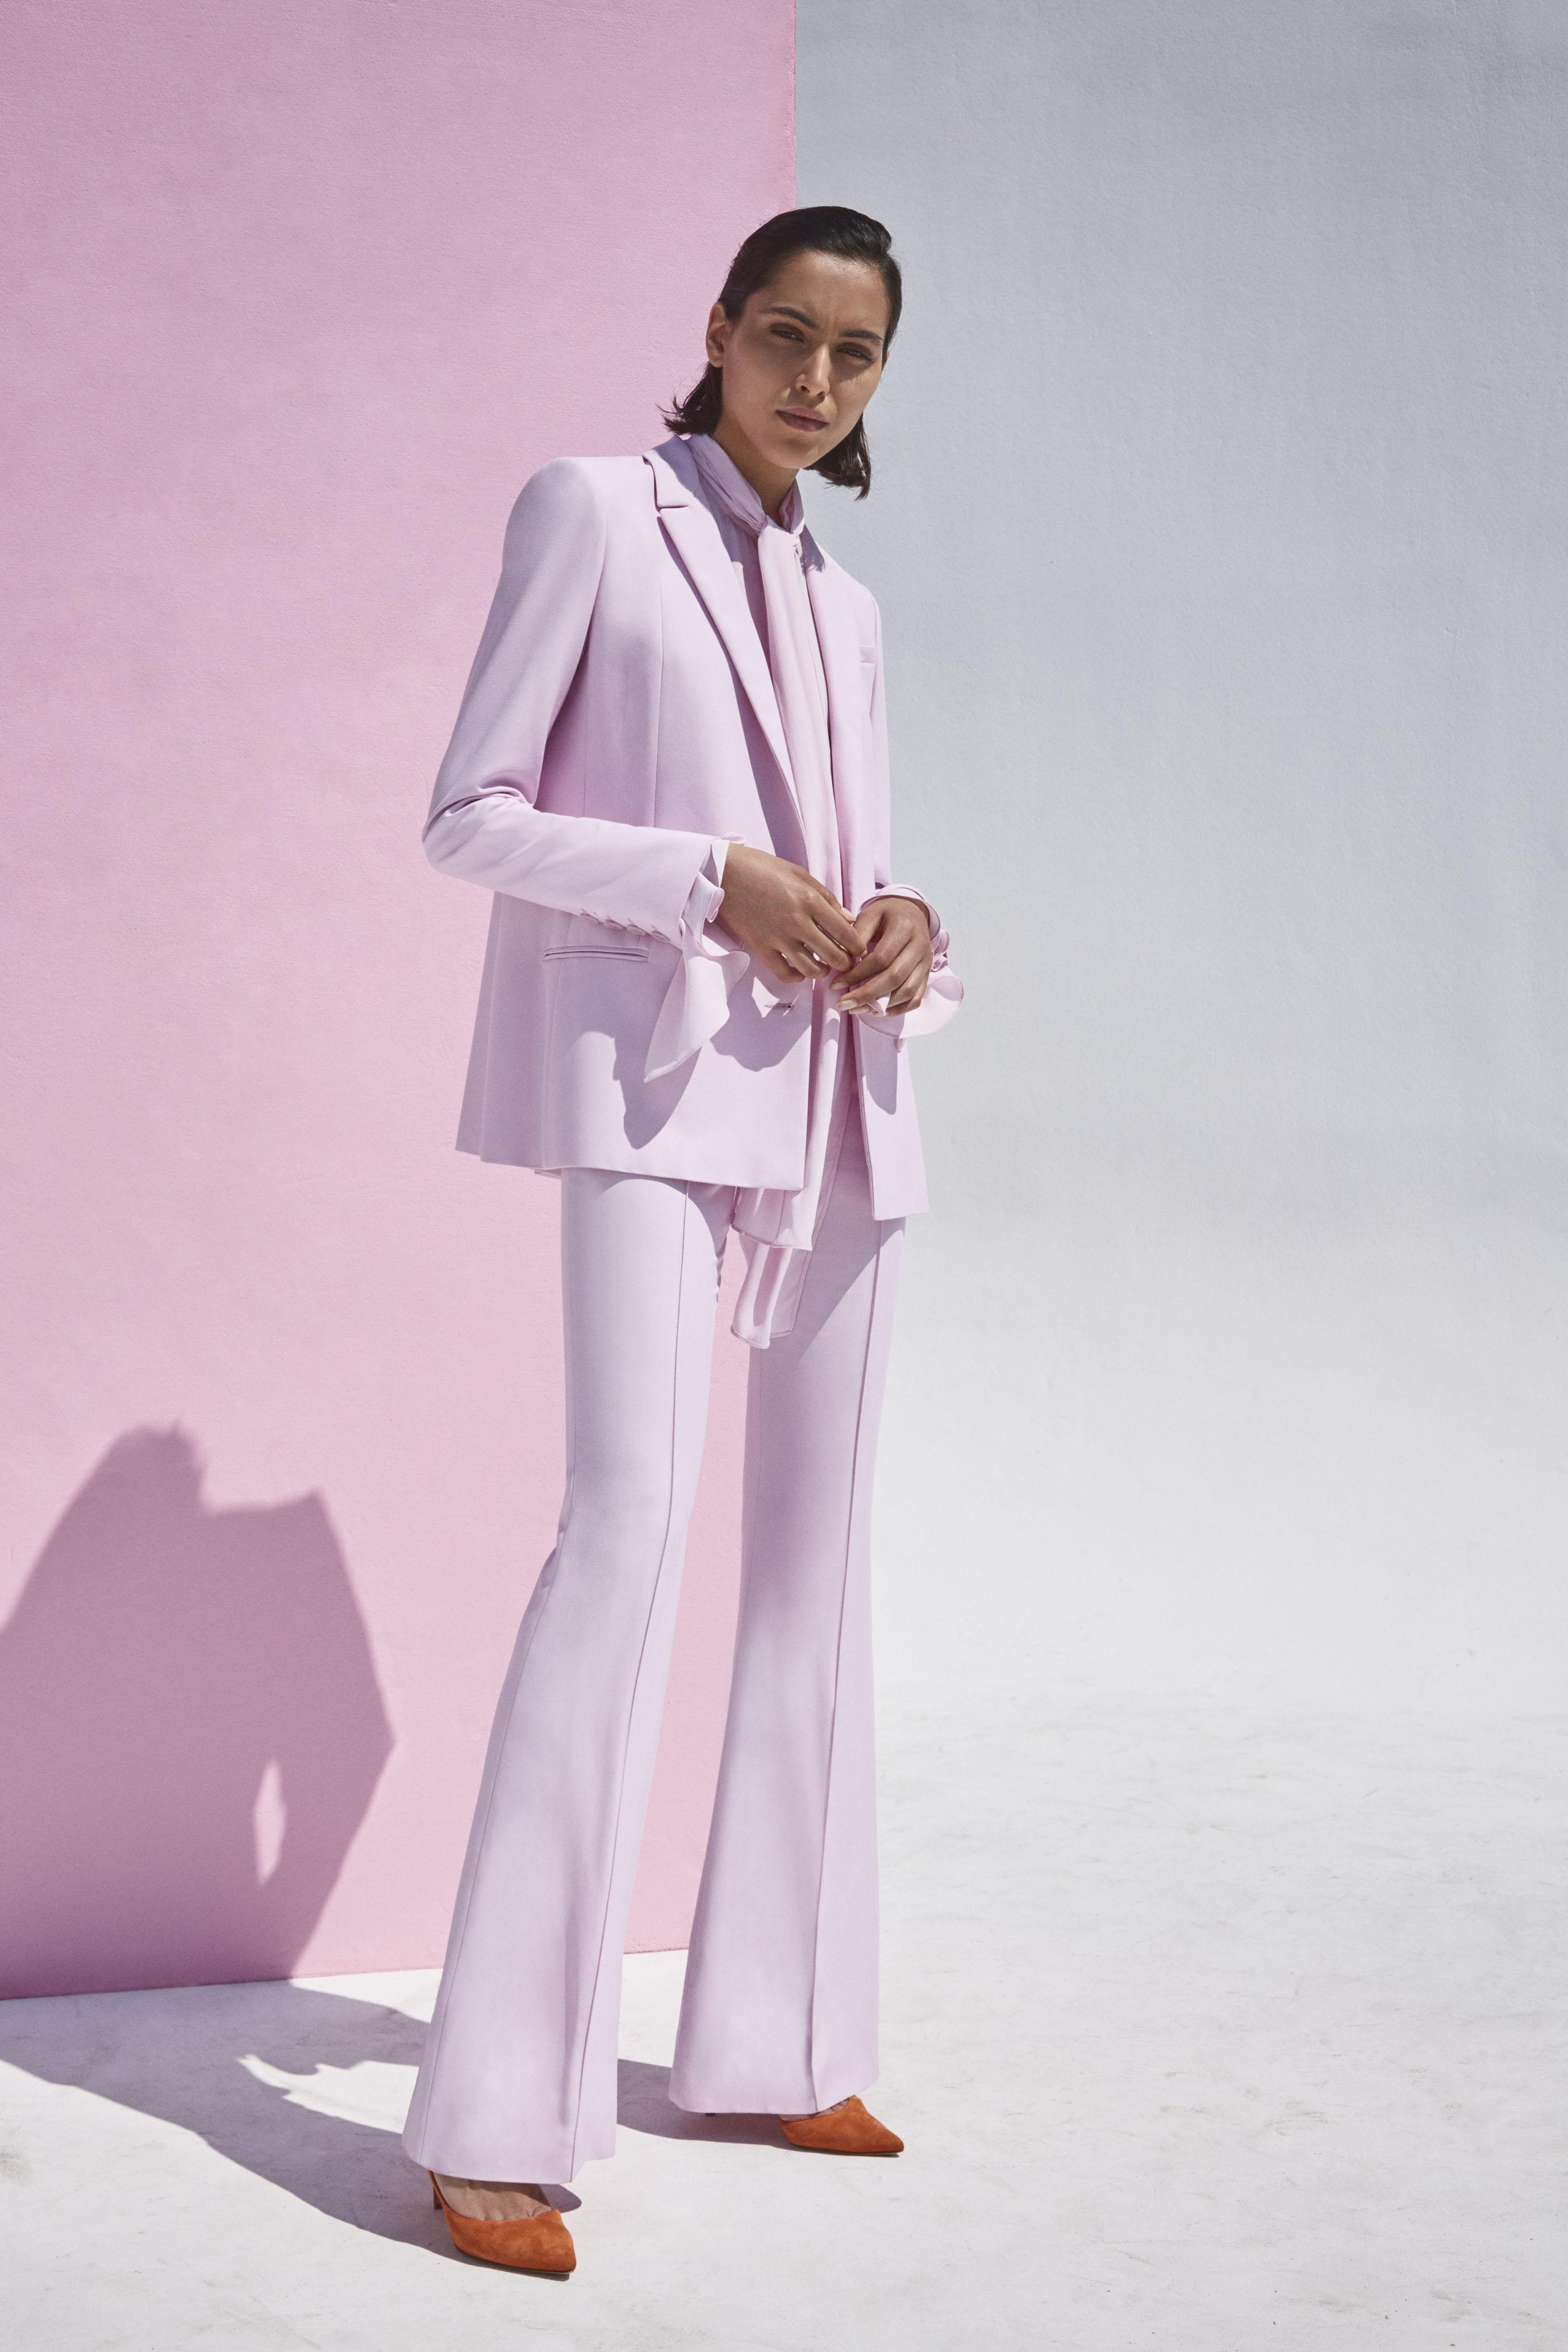 """פולקה לבוטיק מילוס, מחיר: בלייזר - 2,800 שקלים, מכנסיים - 1,800 שקלים (צילום: יח""""צ)"""